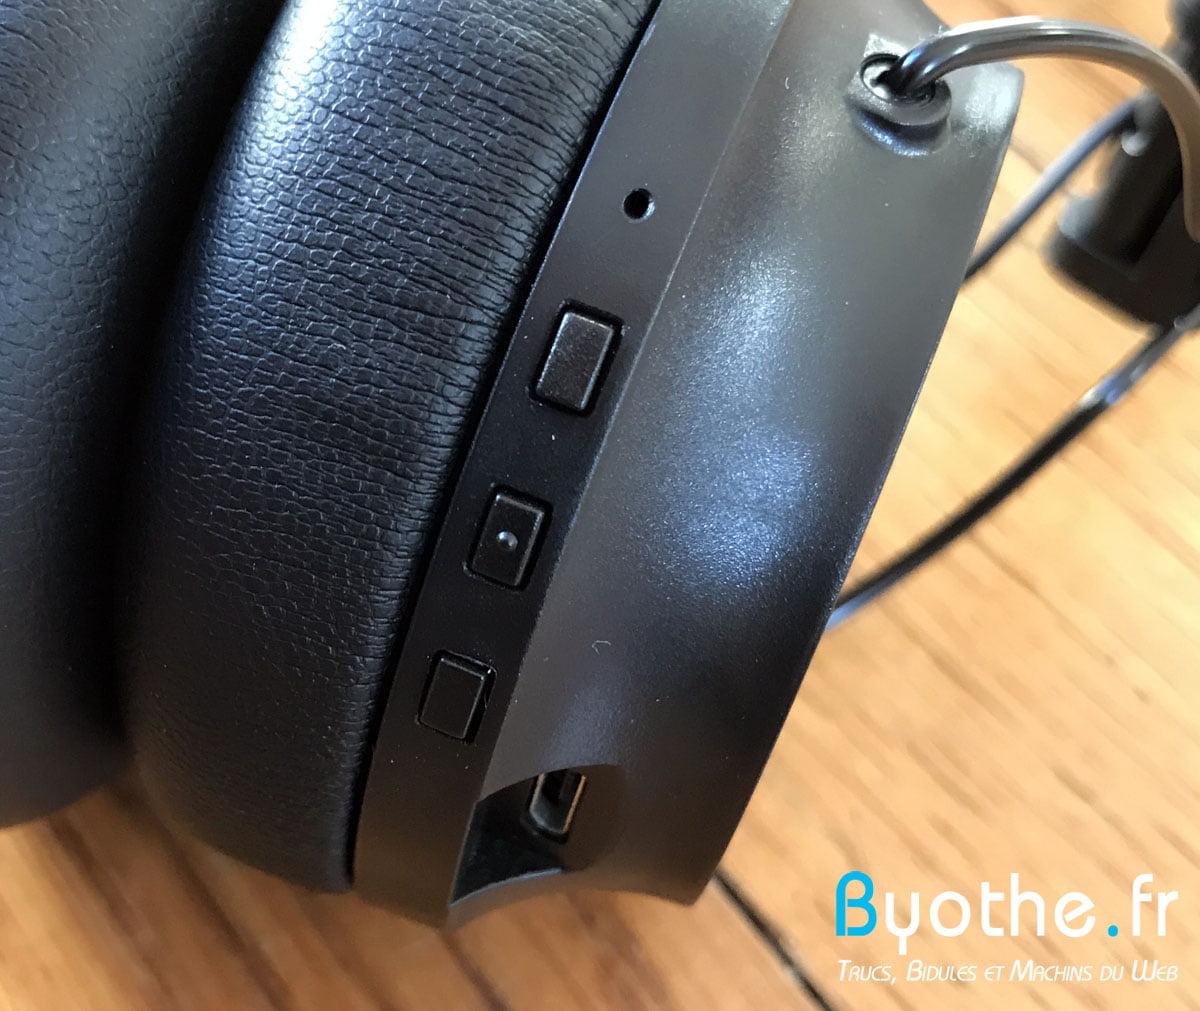 casque-sudio-regent-3 Test : Casque Bluetooth Regent de Sudio